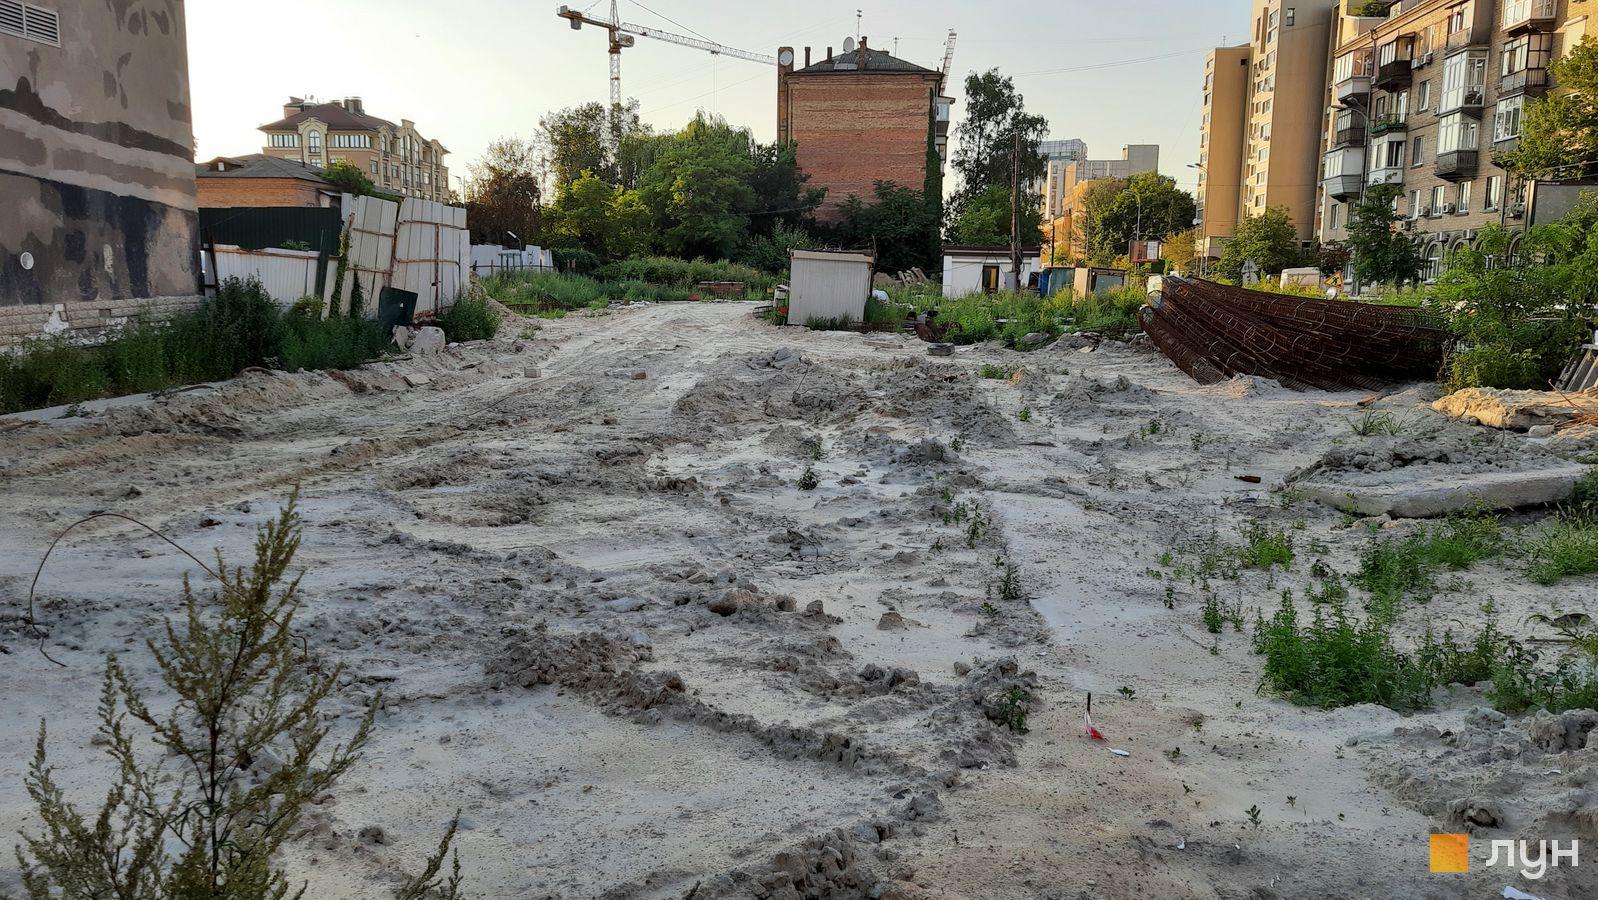 Ход строительства ул. Казимира Малевича, 44, 46, , июль 2021